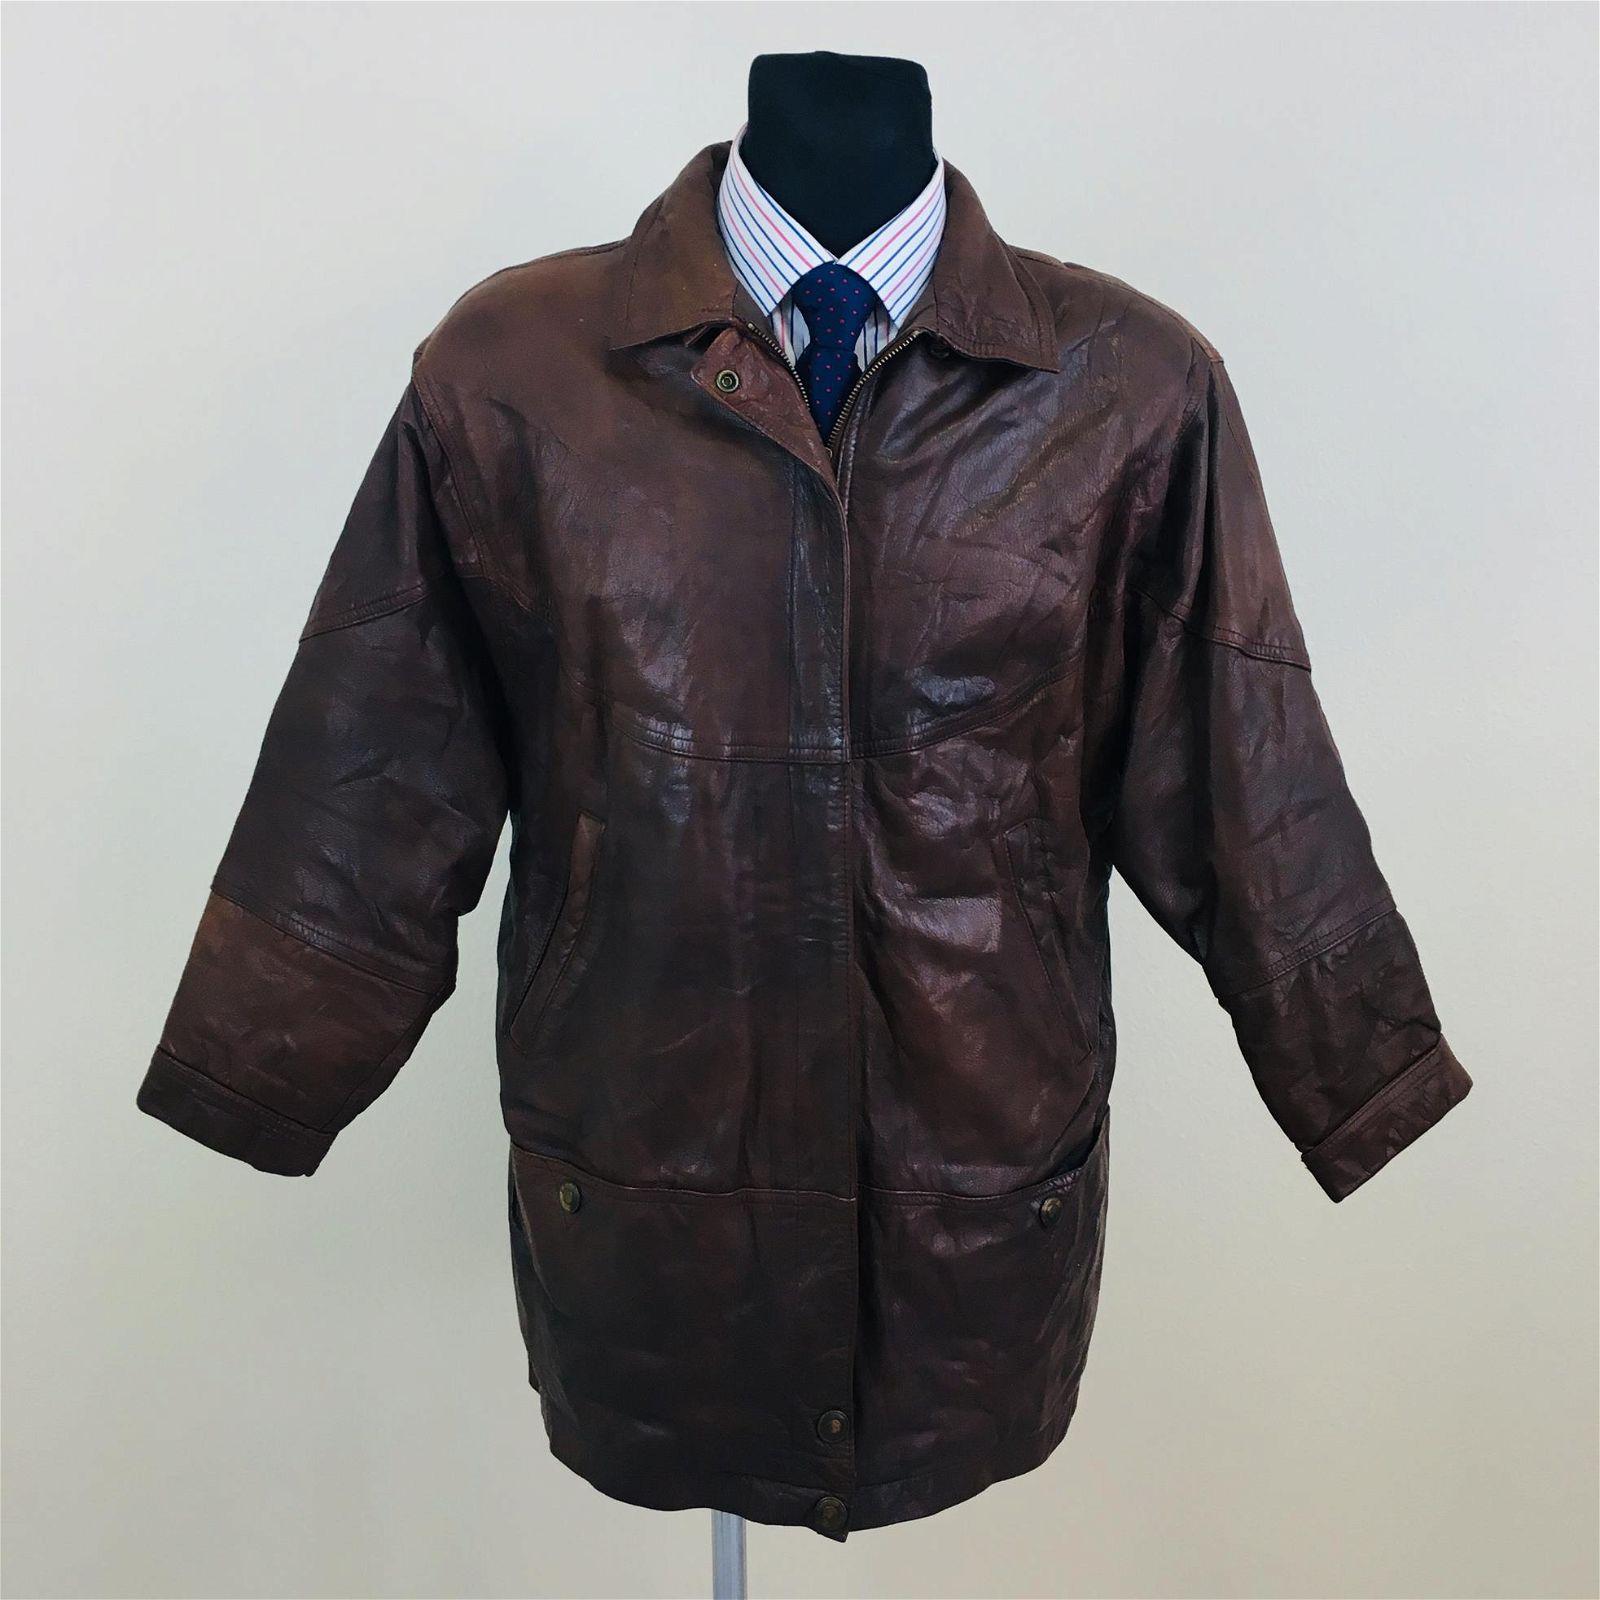 Vintage Men's Dennis Designer Leather Jacket